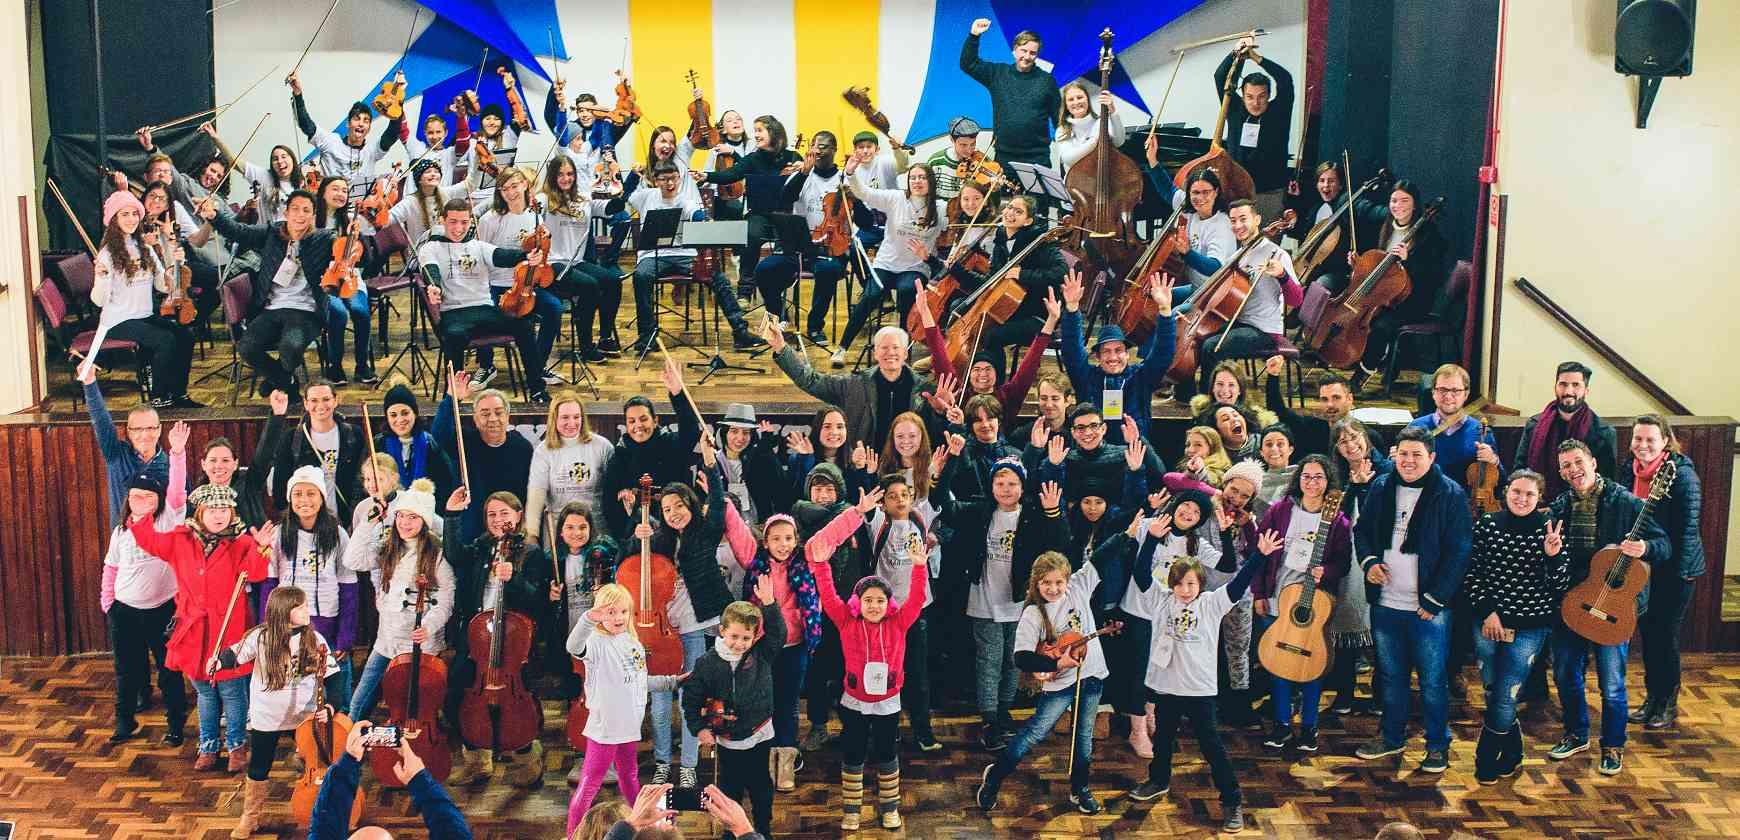 Associação Pró-Cultura e Arte Ivoti (Ascarte)